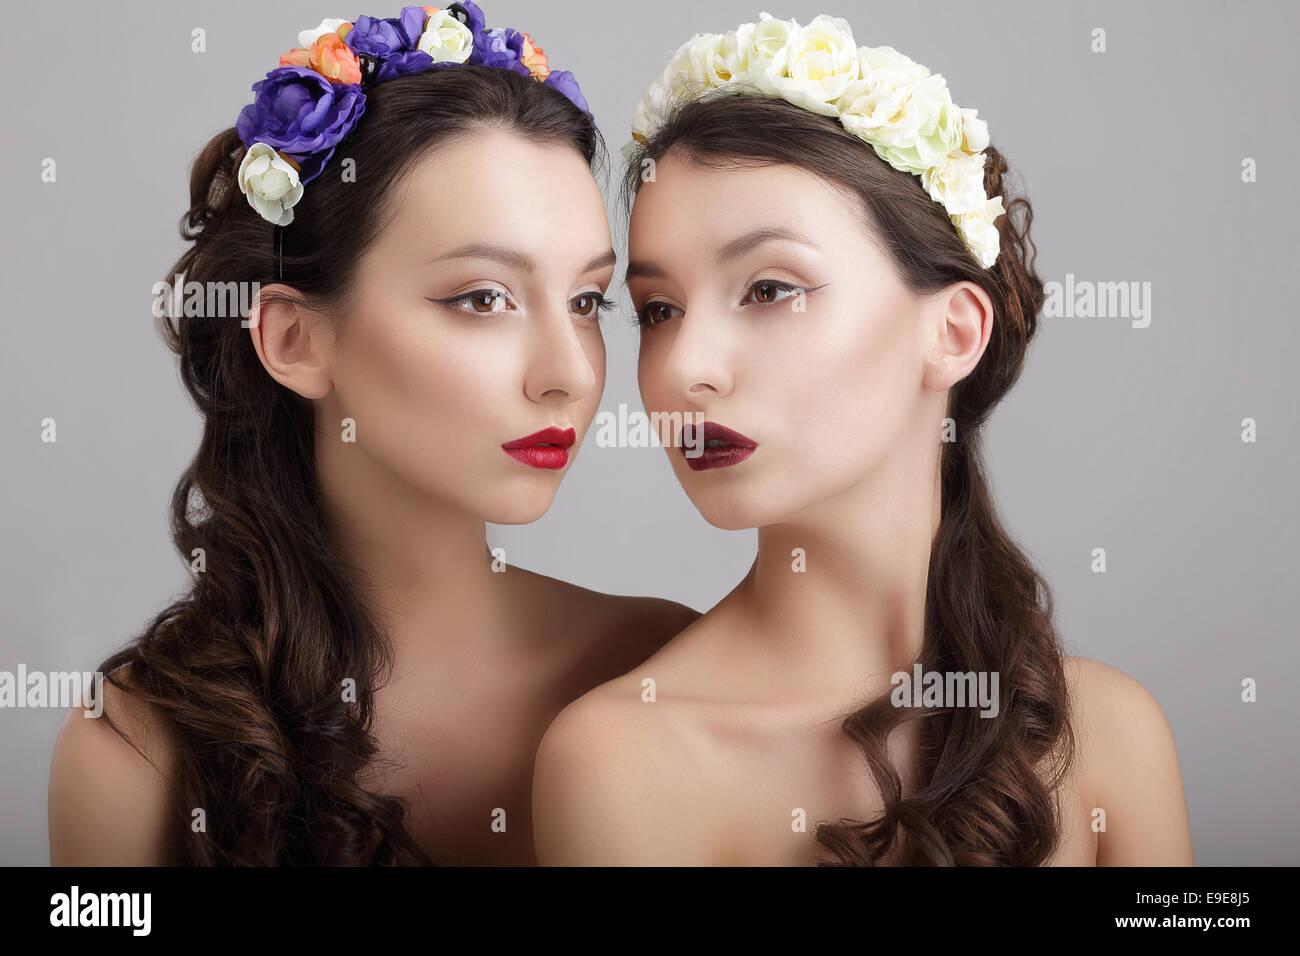 Inspiración.Dos hembras con estilo con coronas de flores Imagen De Stock